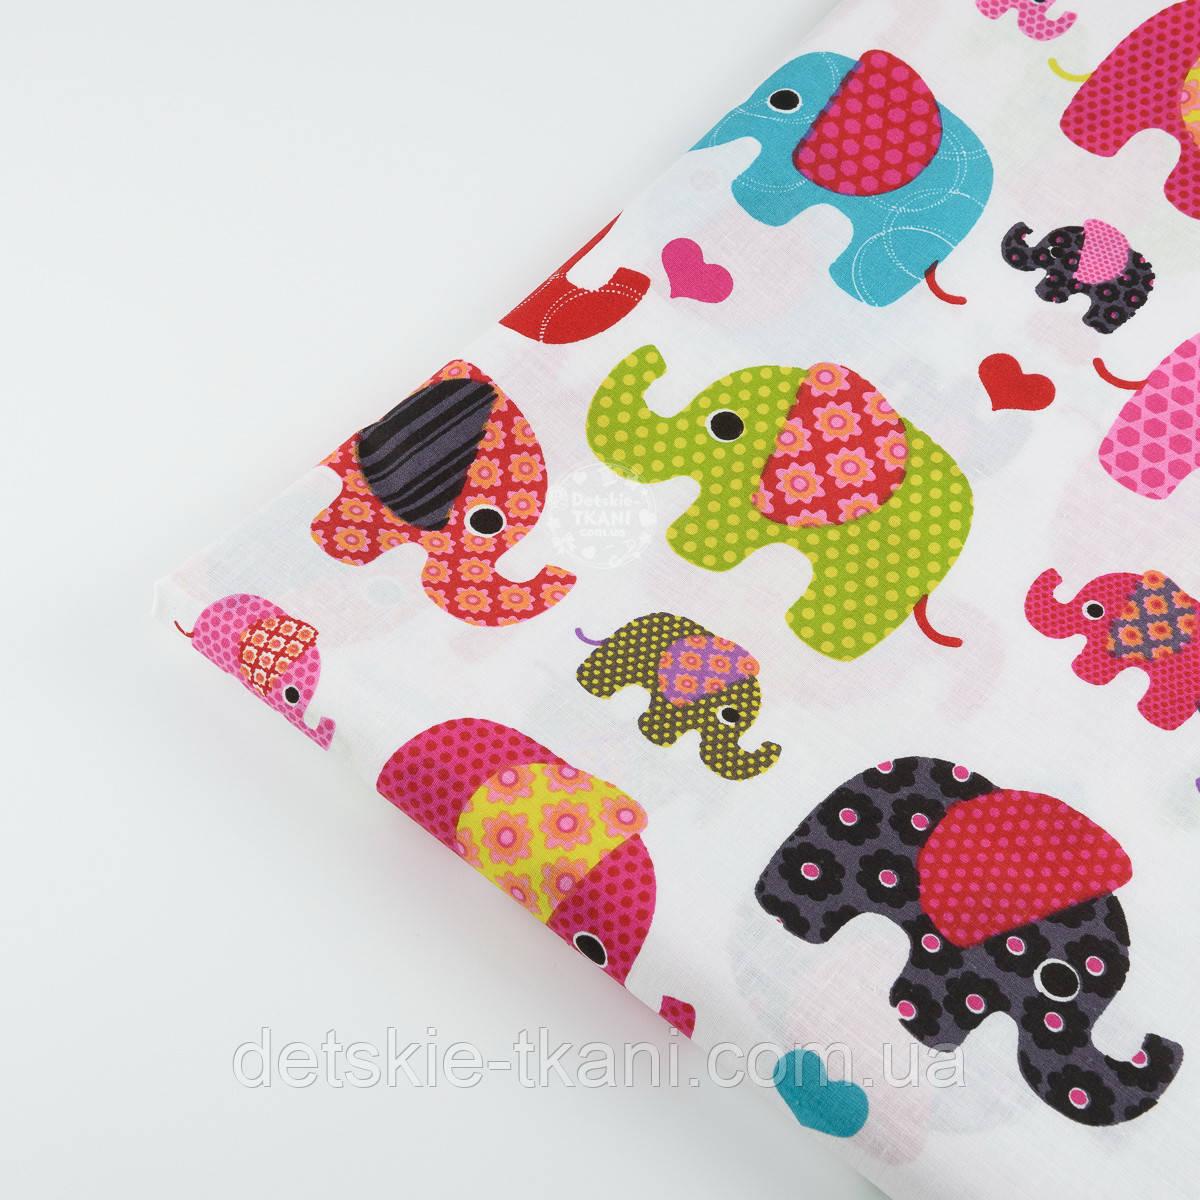 Лоскут ткани №300а   с индийскими слонами